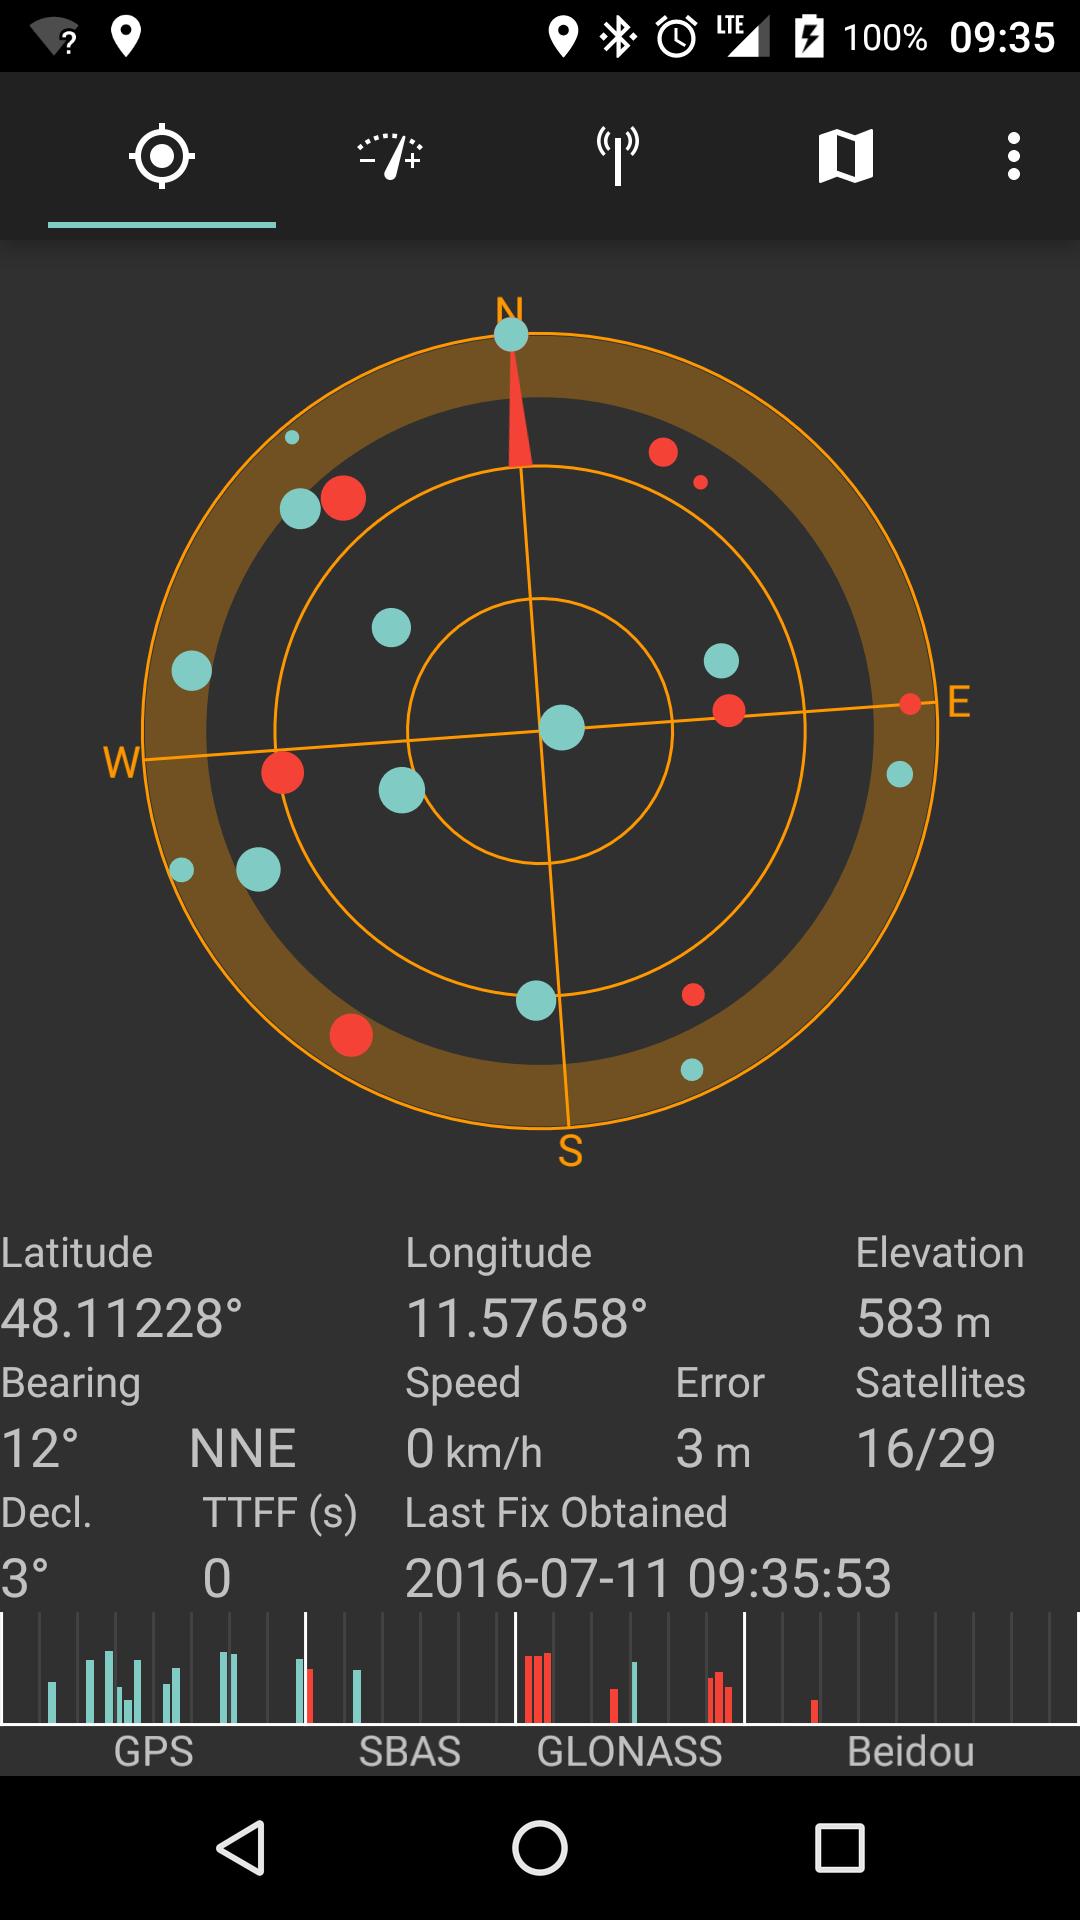 GPS view in SatStat